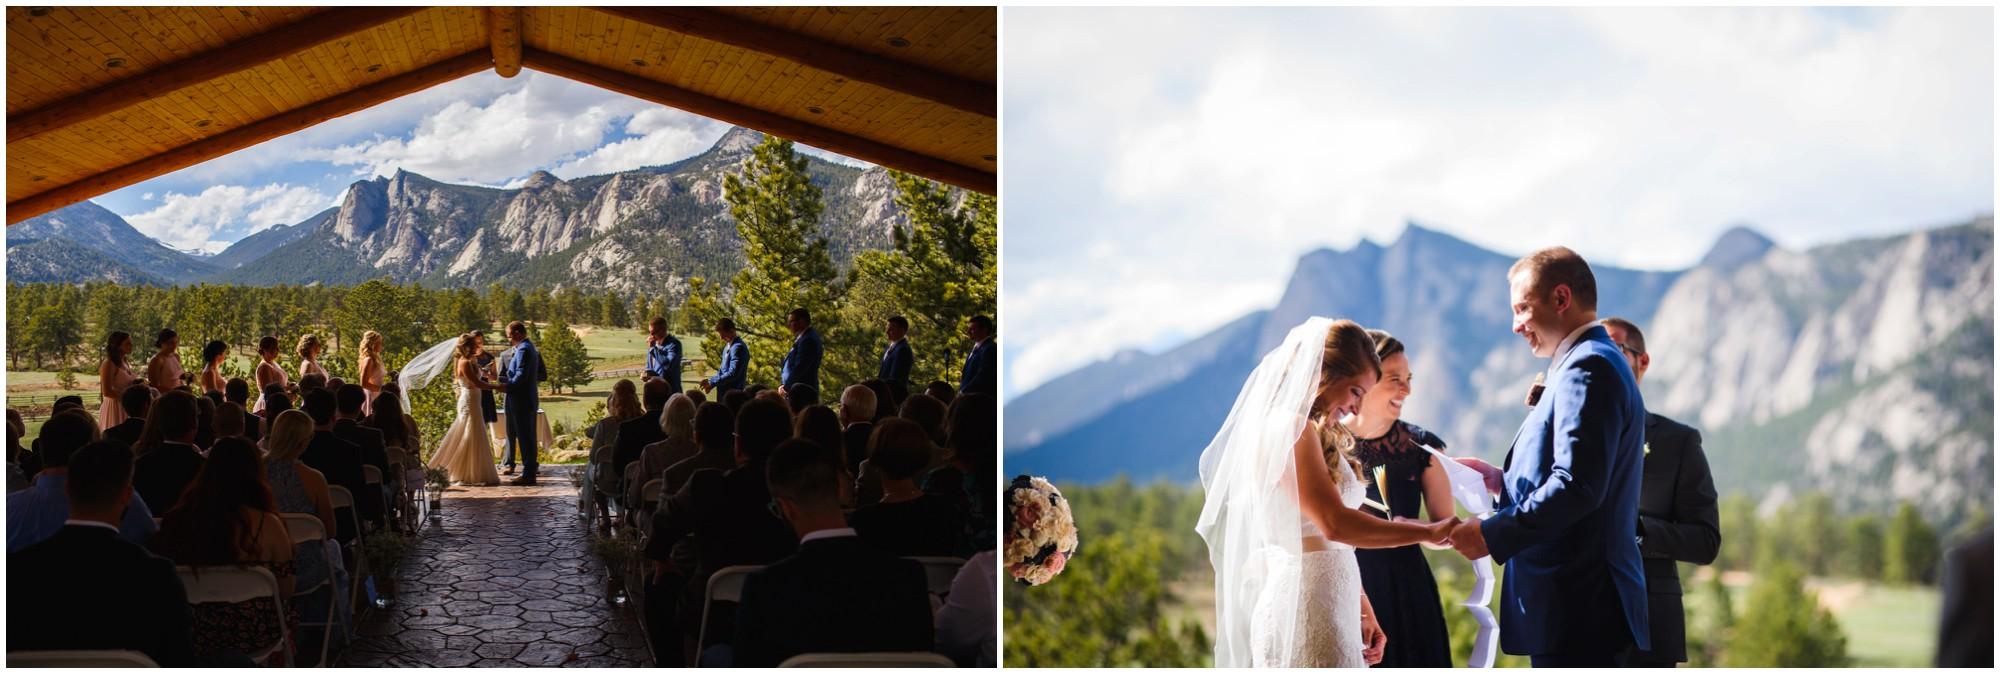 450-Estes-park-wedding-photography-Robinson.jpg